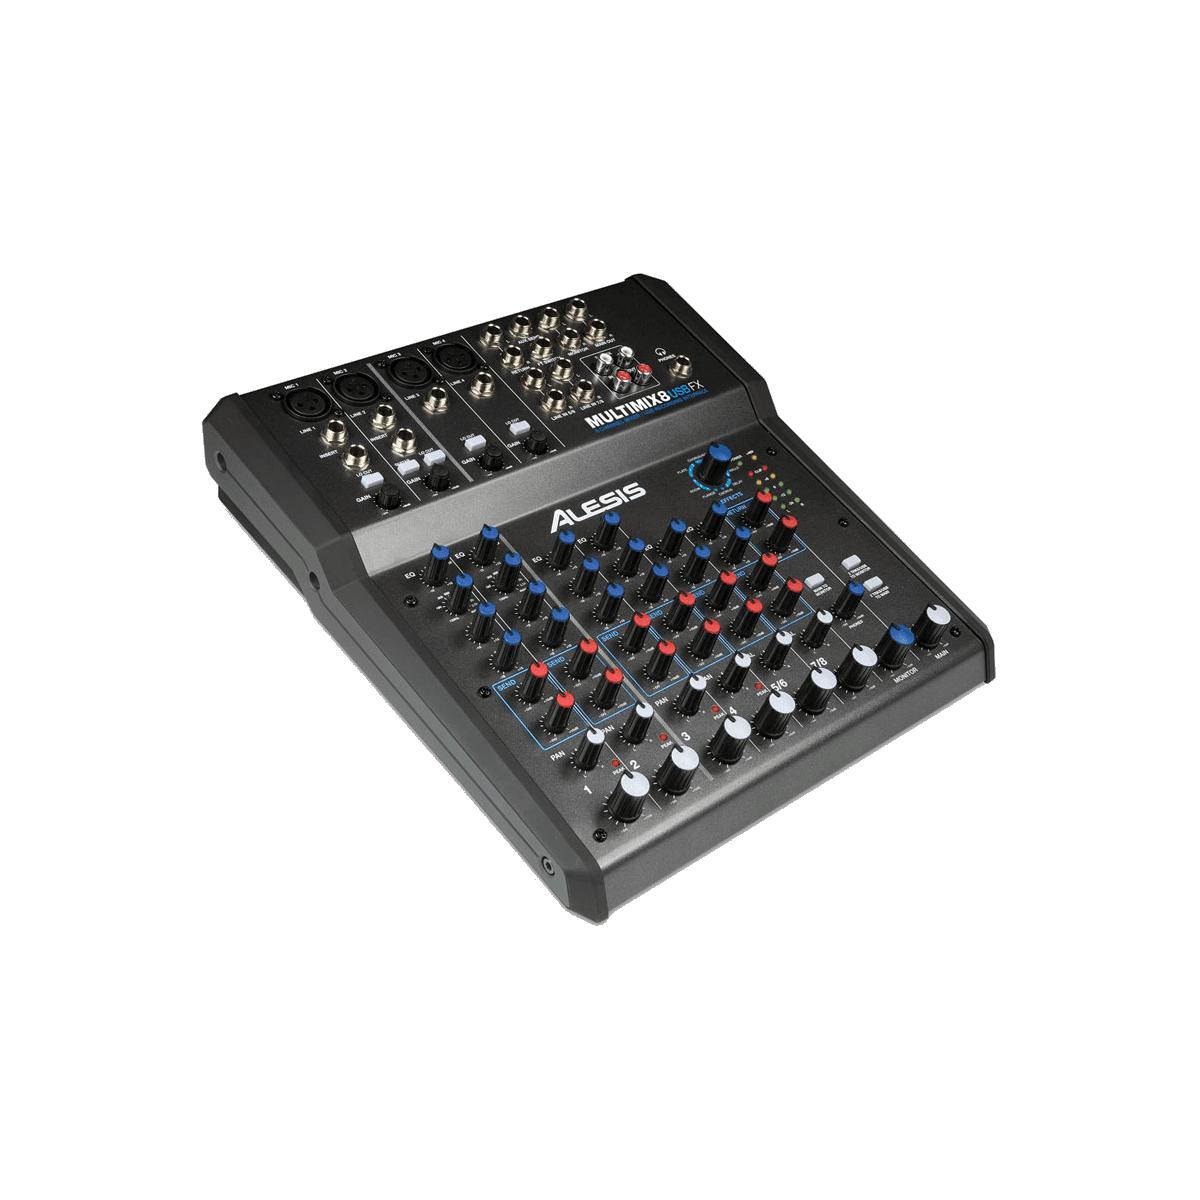 Consoles analogiques - Alesis - Multimix 8 USB FX